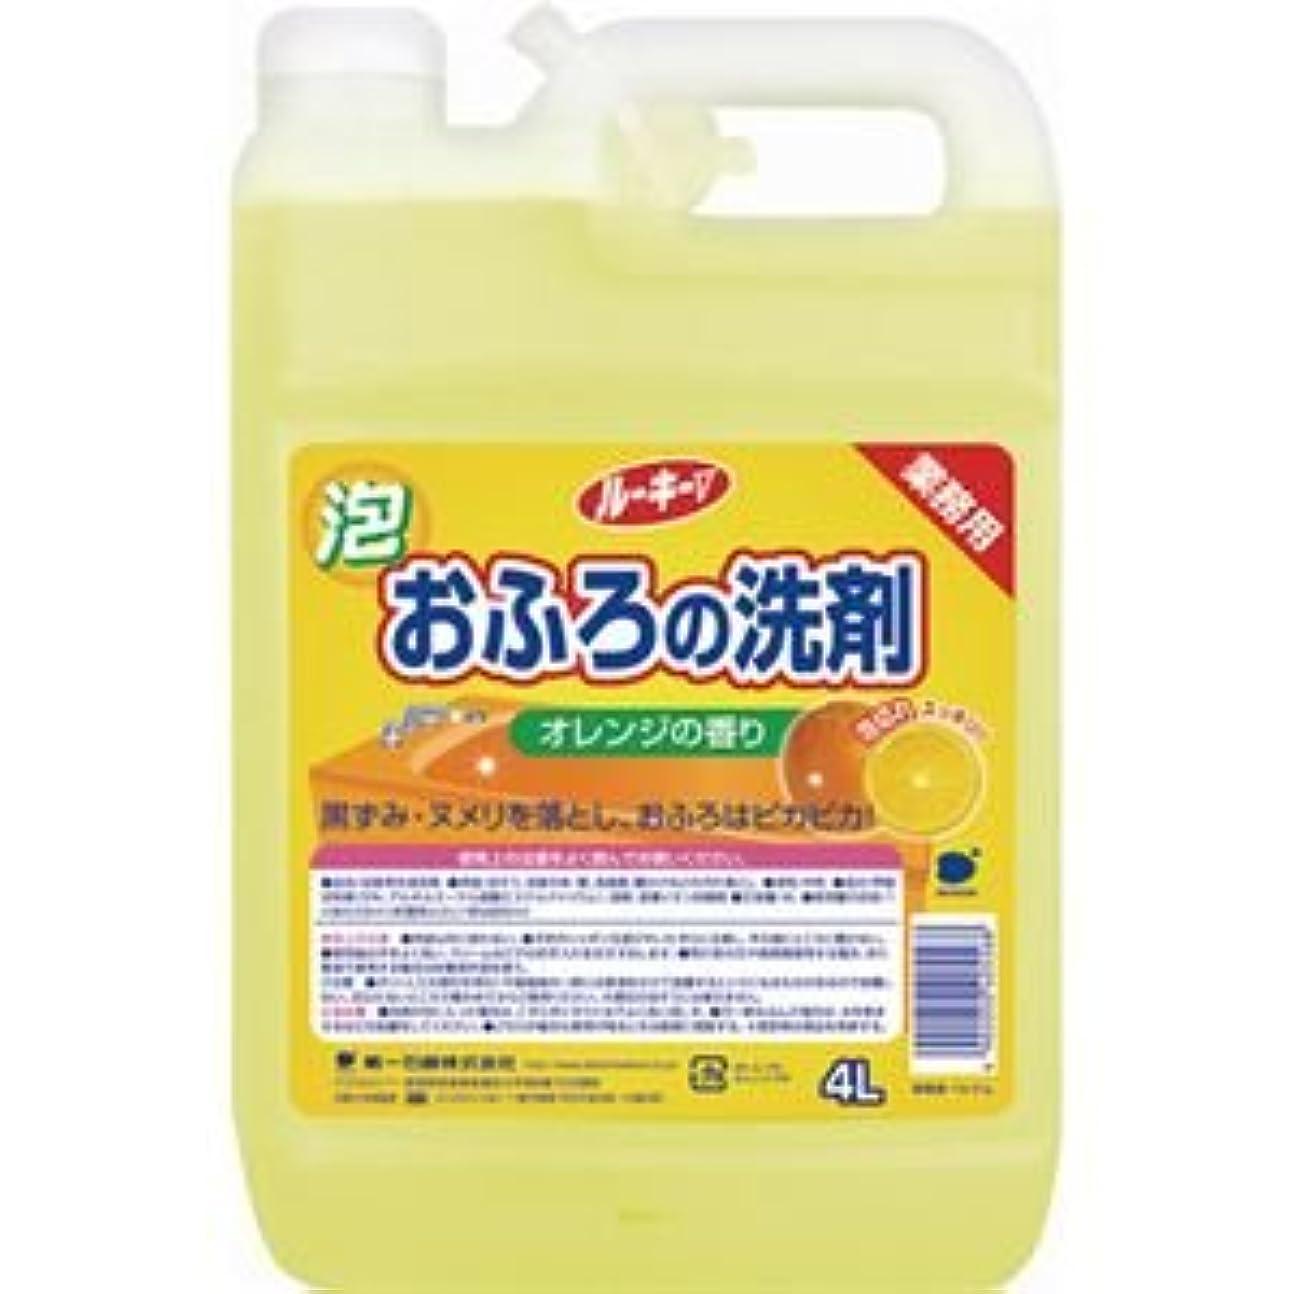 噴火ポンド工夫する(まとめ) 第一石鹸 ルーキーV おふろ洗剤 業務用 4L 1本 【×5セット】